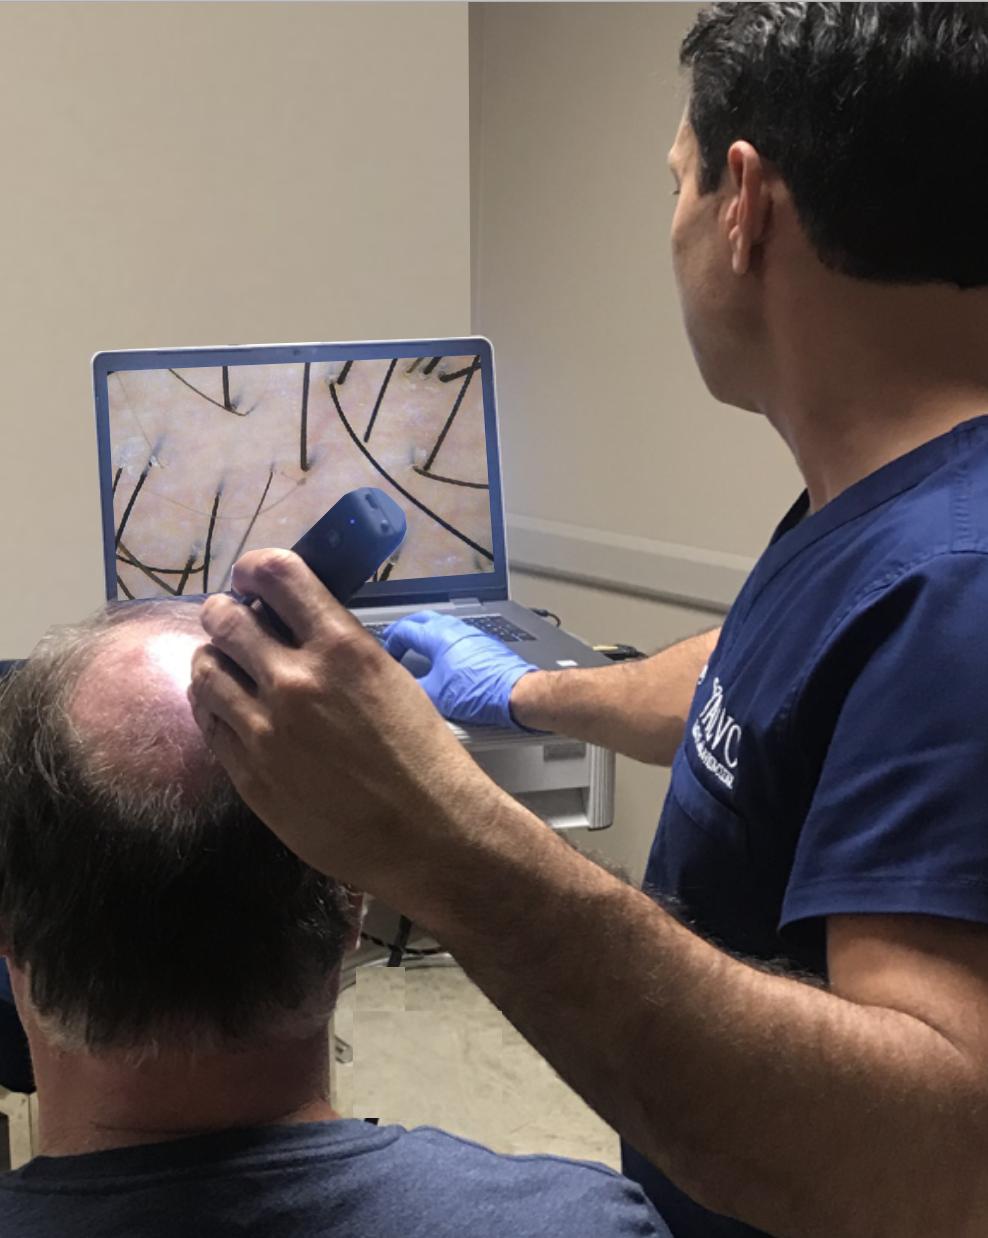 Digital Hair Analysis